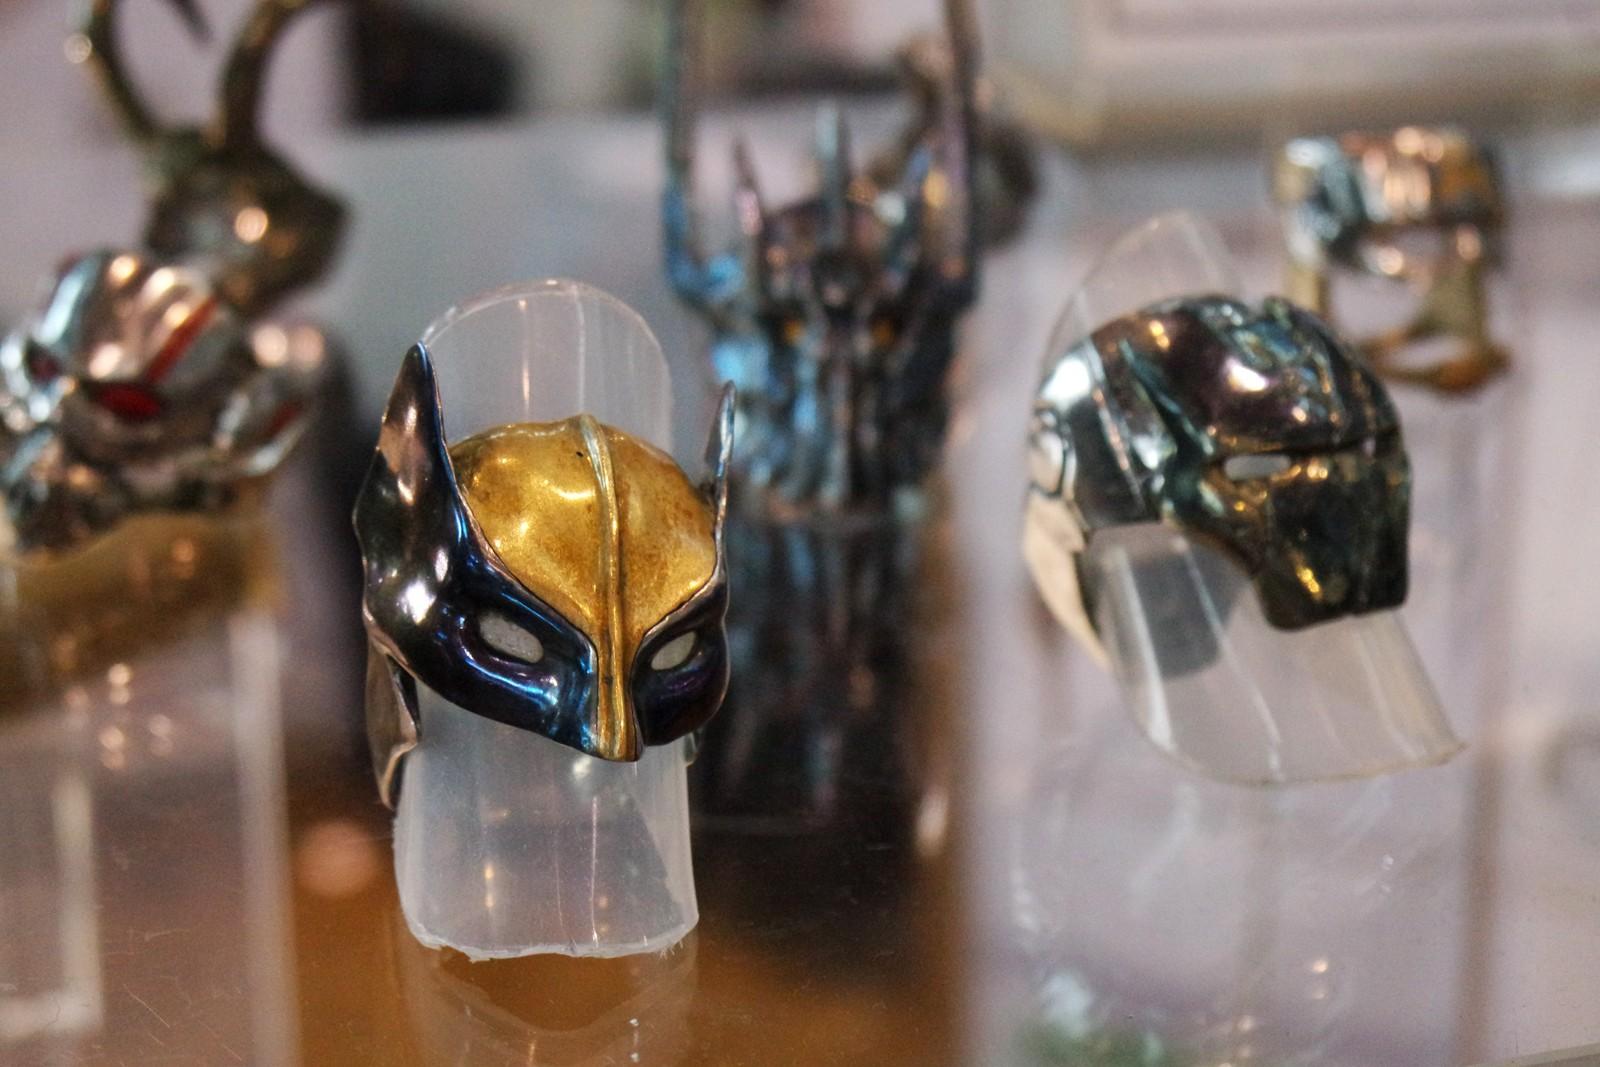 Bague originale I am the immortal créé par Nous sommes des héros artefacts légendaires bijoux fabriqués à la main en France Comic Con Paris festival 2015 Grande Halle de la Villette